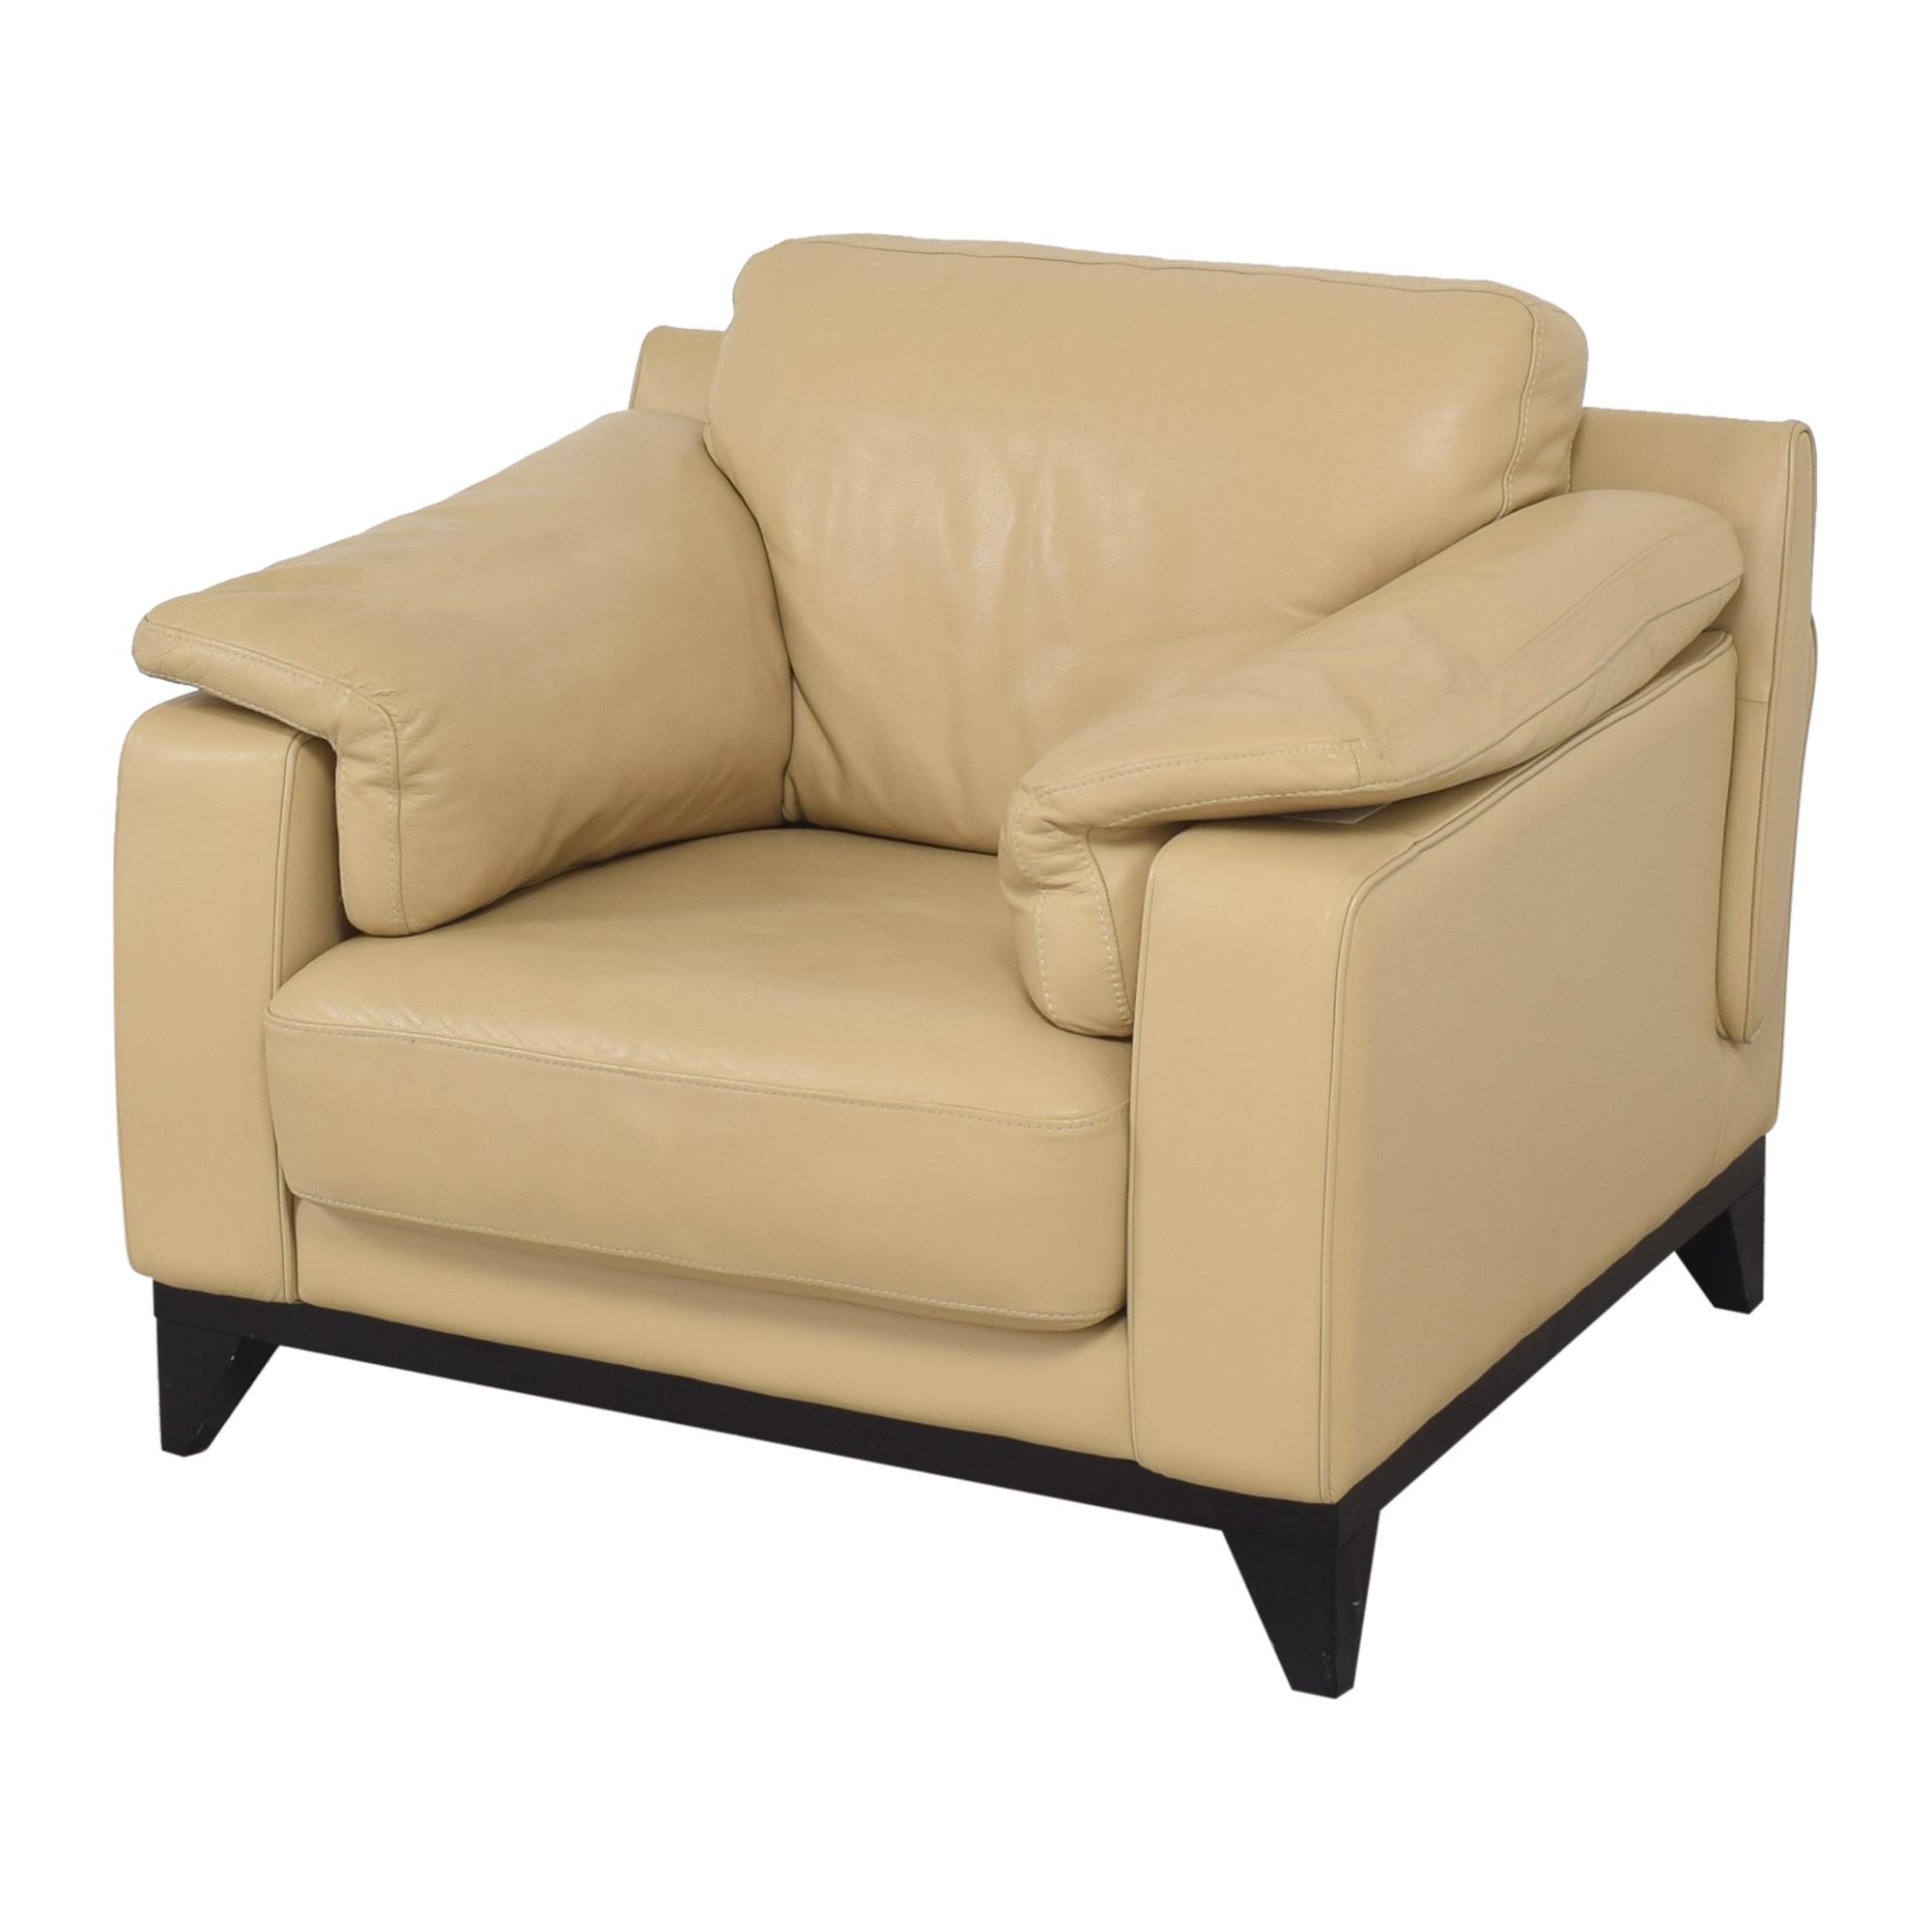 Nicoletti Home Nicoletti Home Accent Chair used